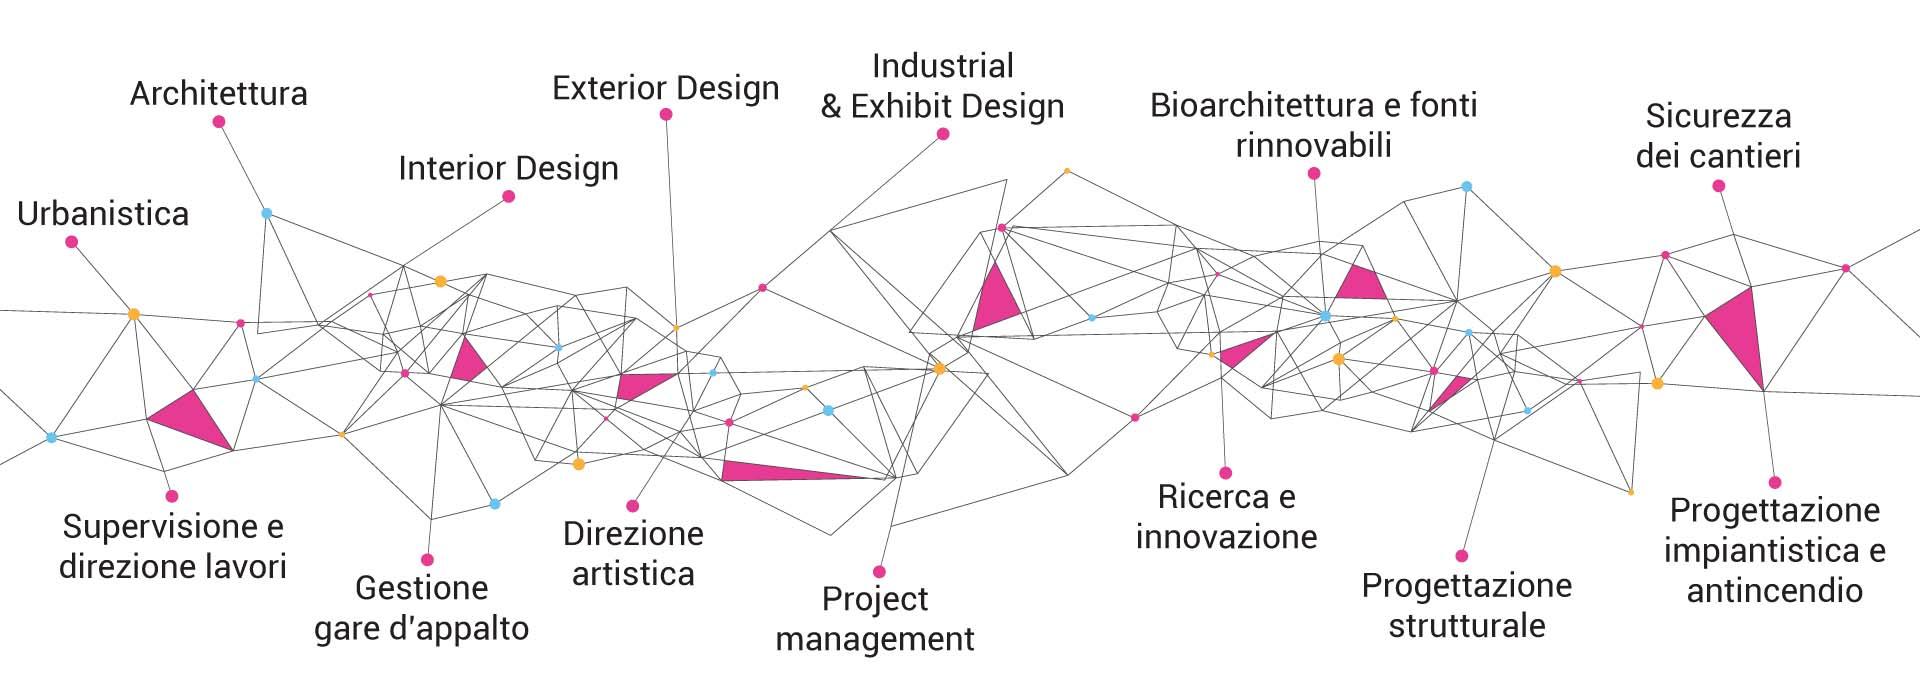 servizi-studio-architettura-interior-design-forniti-roma